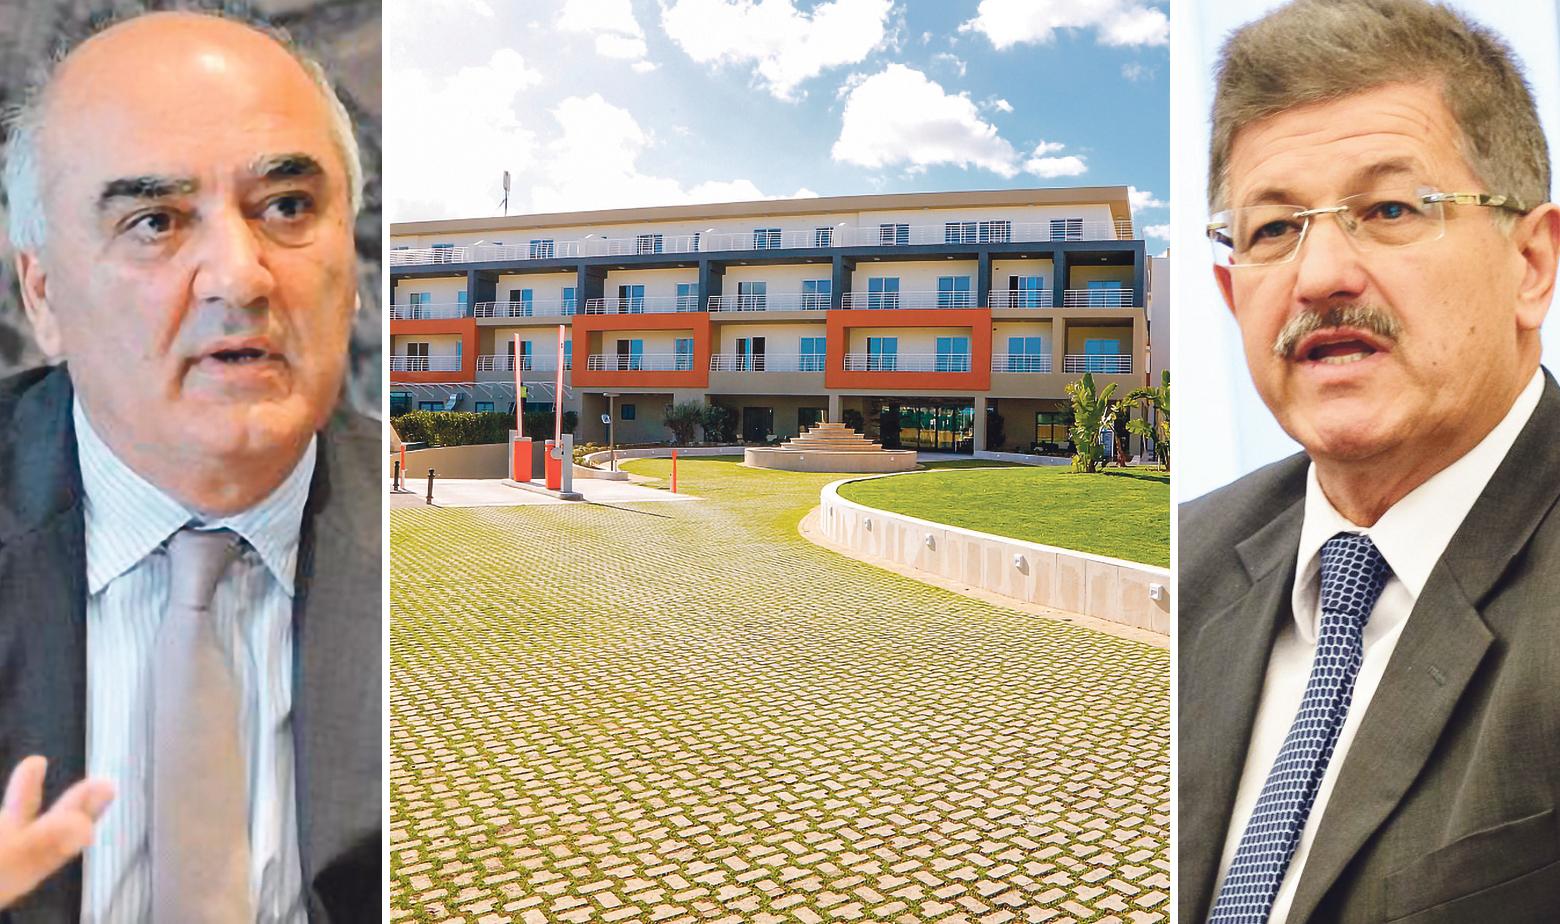 Slijeva na desno: Angelo Xuereb, vlasnik tvrtke AX Holding, projekt te kompanije na Malti i gradonačelnik Opatije Ivo Dujmić